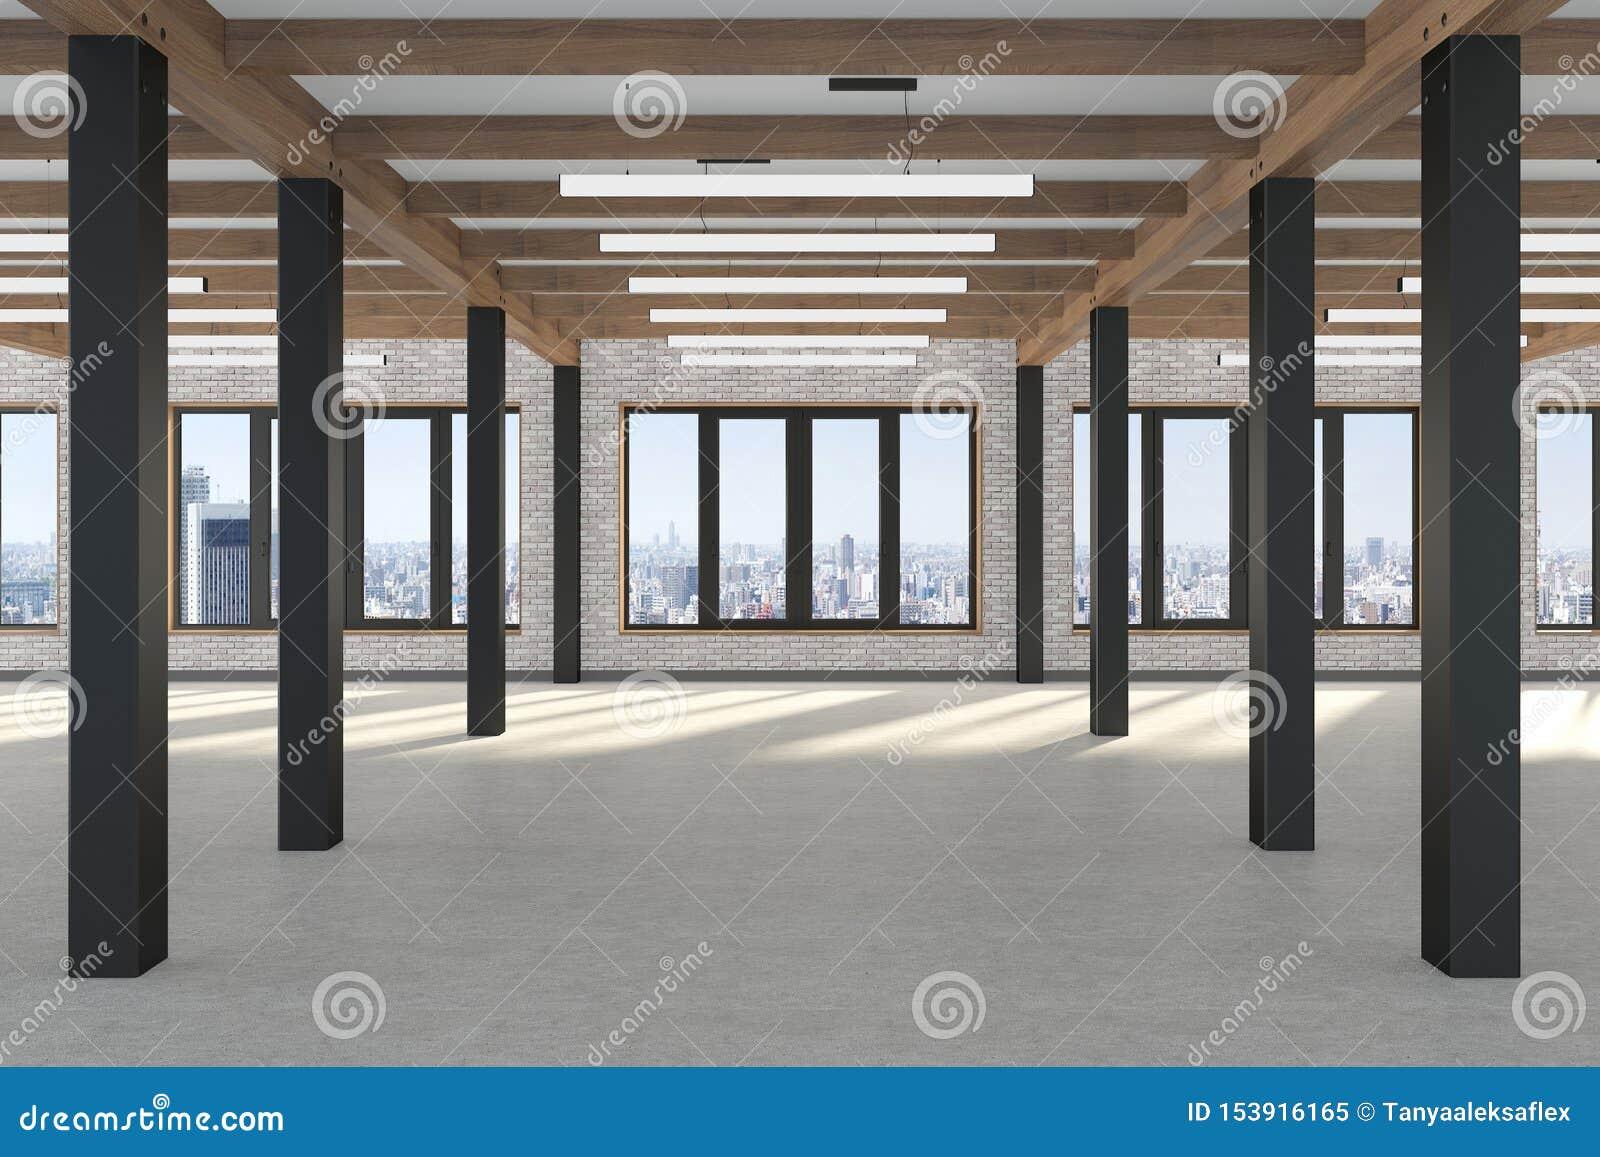 Ett enormt tomt rum med stora fönster som förbiser metropolisen, järnkolonnerna och trästrålarna i vindstilen konkret golv